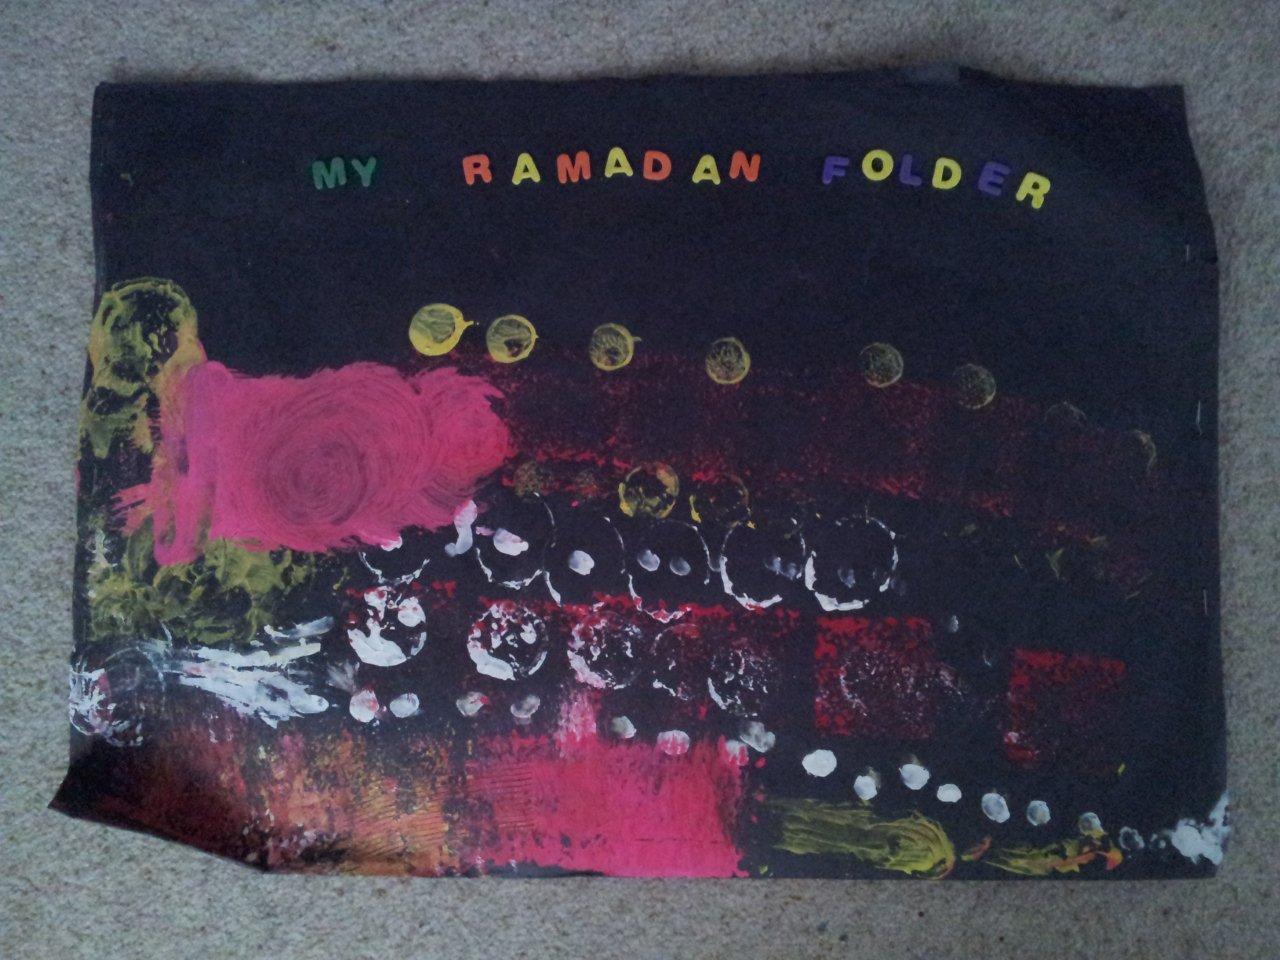 Ramadan Idea 7: Create a Ramadan Art Folder or Scrapbook